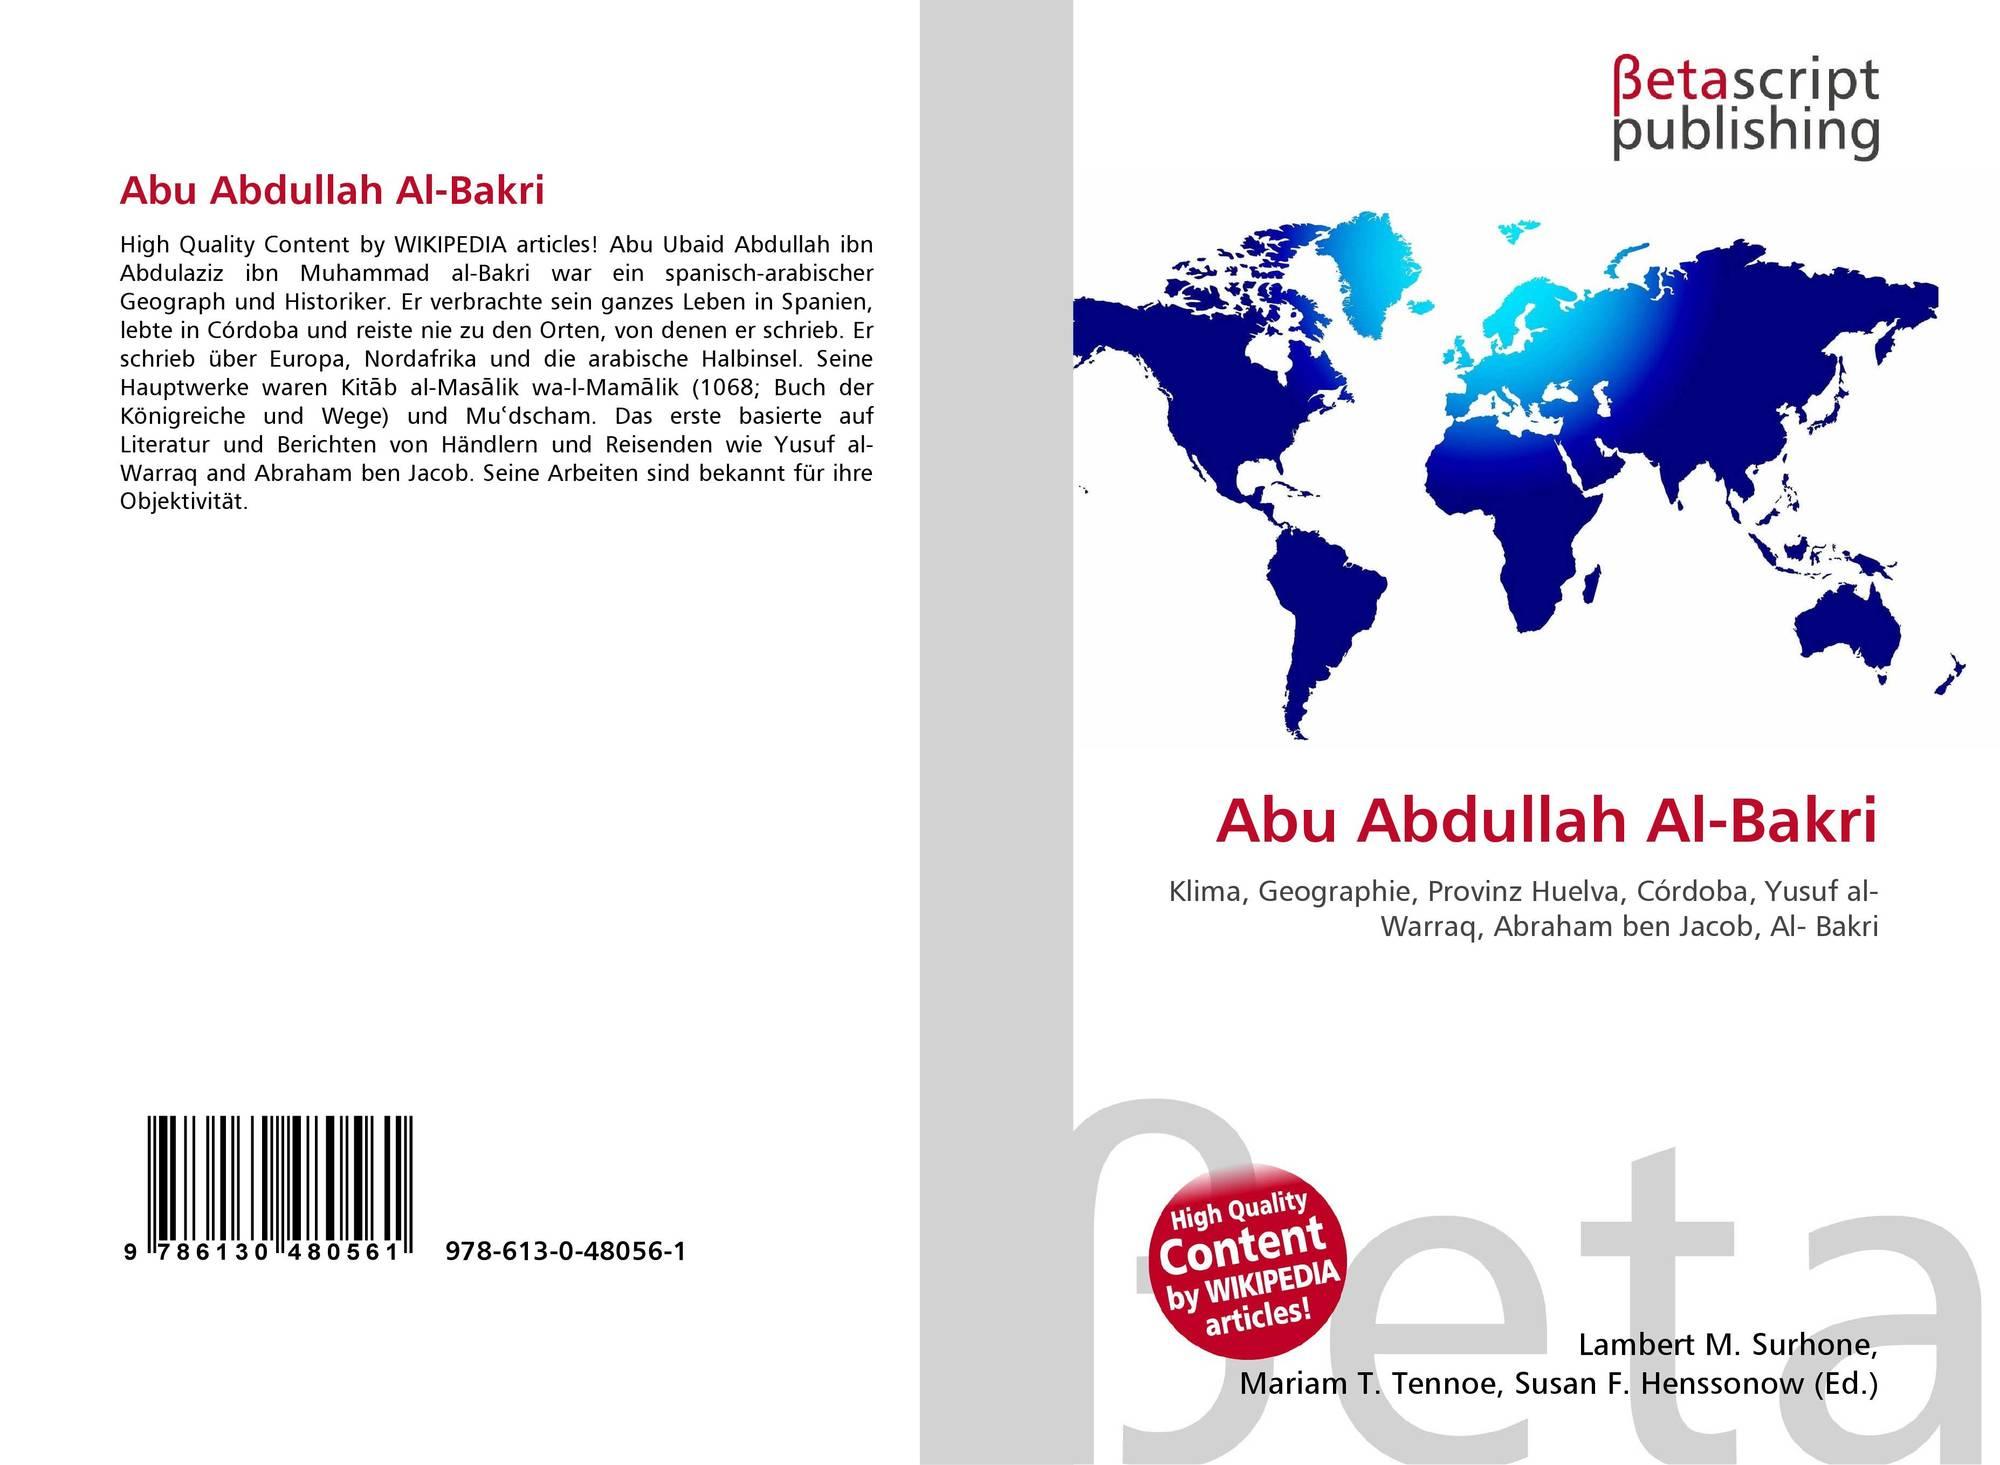 Abu Abdallah al-Shi'i